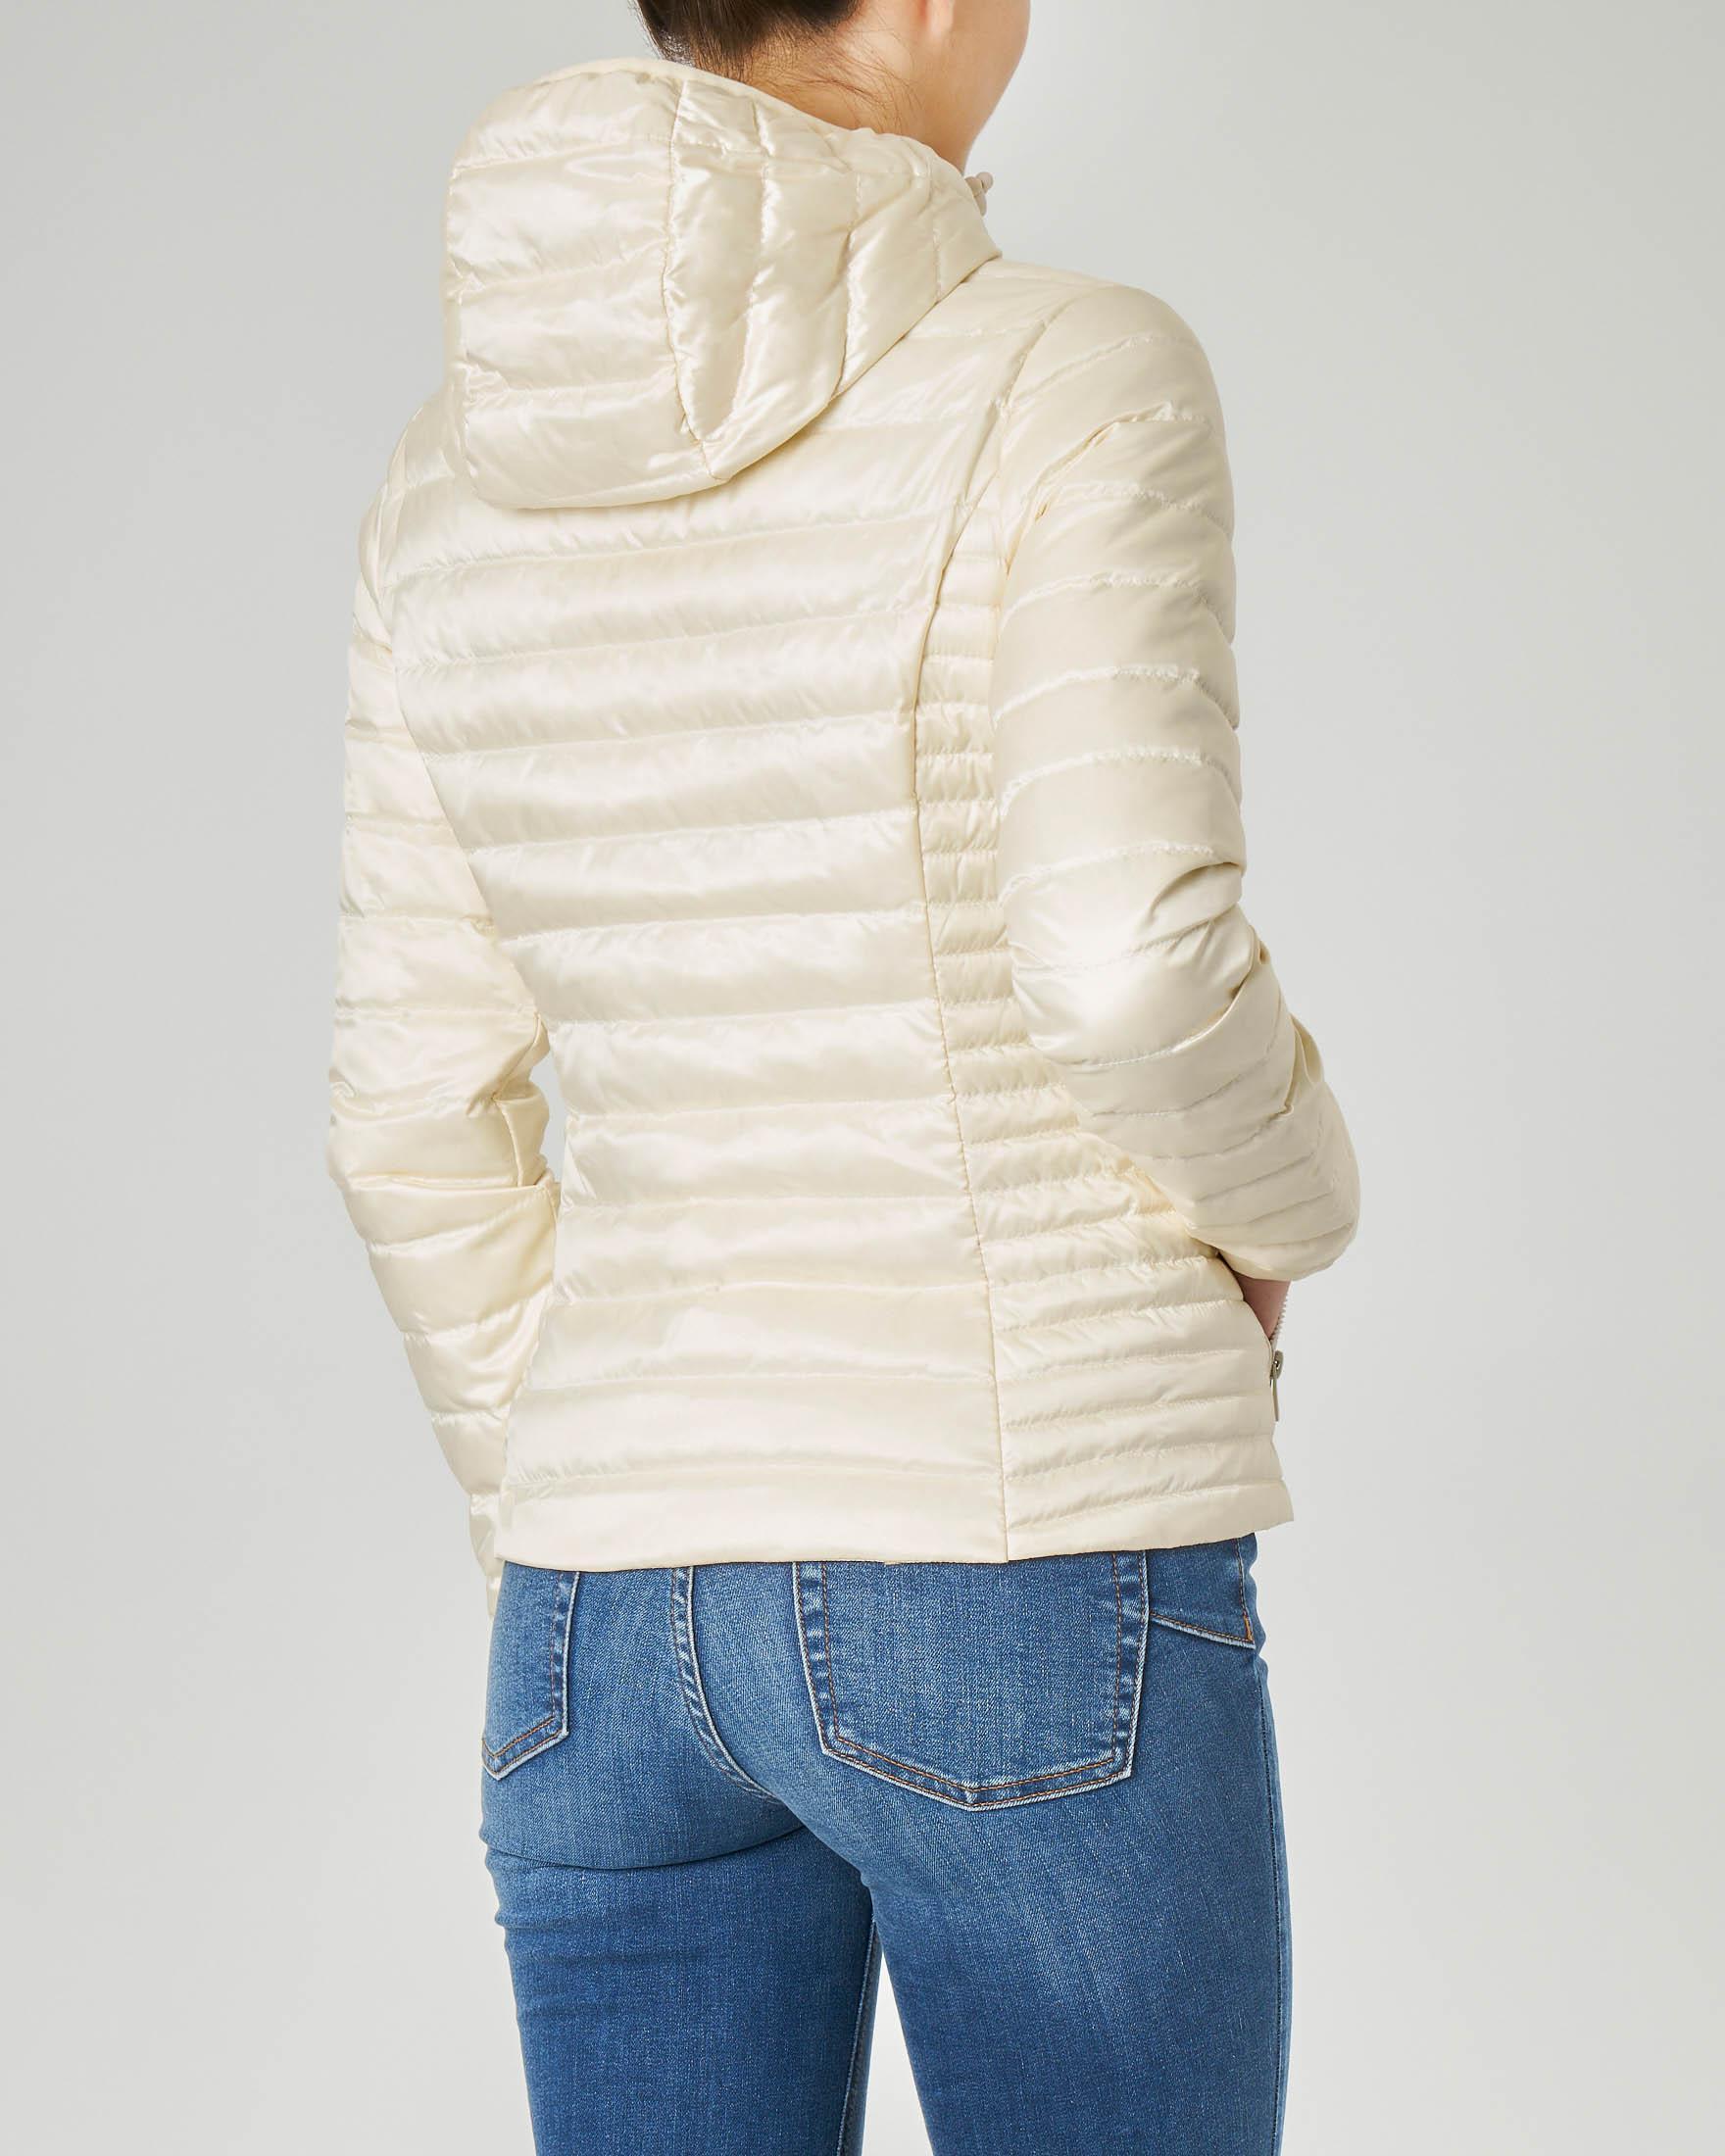 Piumino leggero color avorio con cappuccio in tessuto effetto lucido